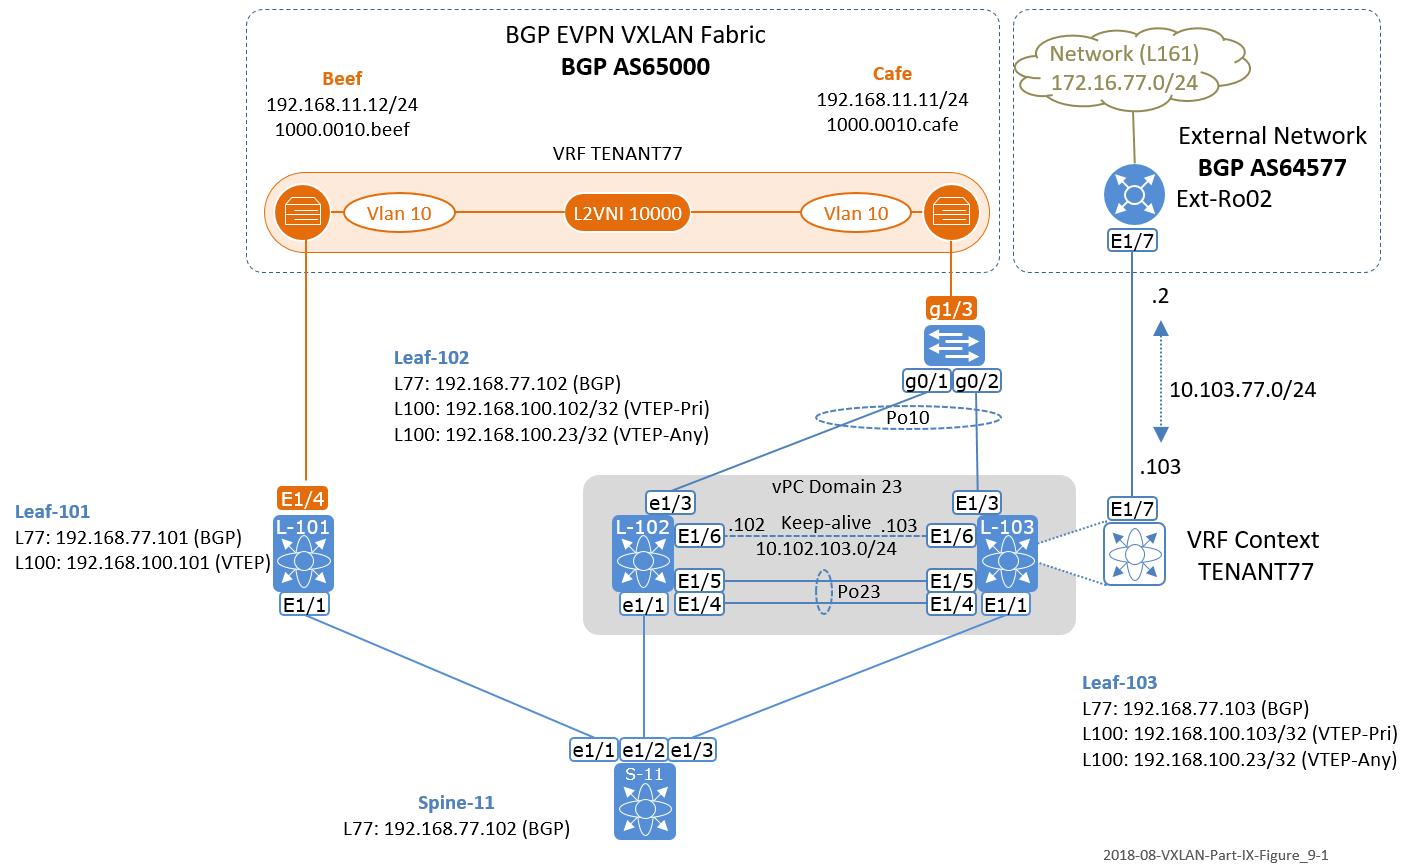 The Network Times: VXLAN Part IX: VXLAN BGP EVPN - vPC